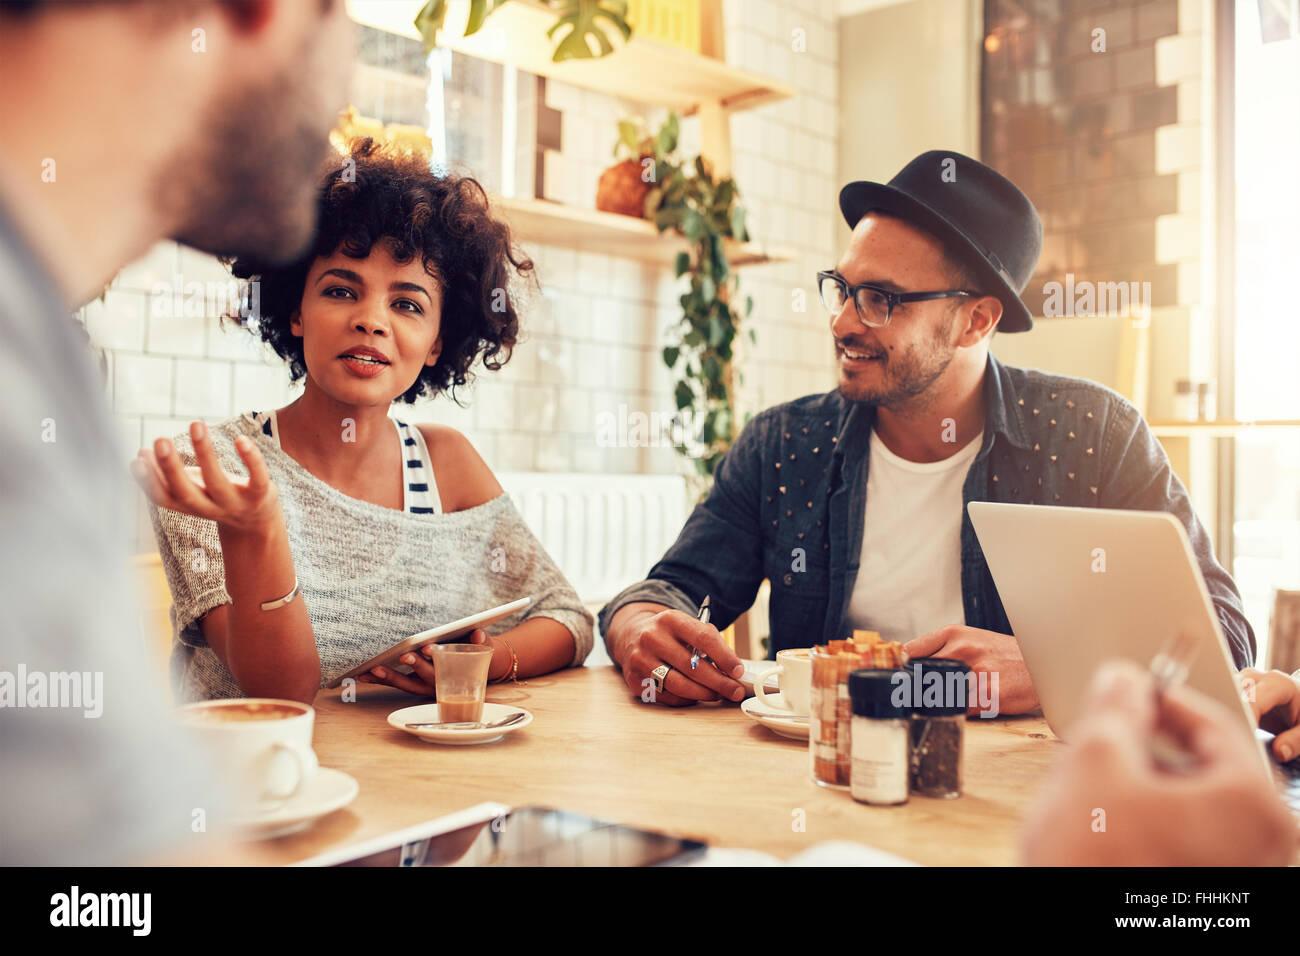 Retrato de mujer joven hablando con sus amigos en un café. Grupo de jóvenes reunidos en una cafetería. Imagen De Stock